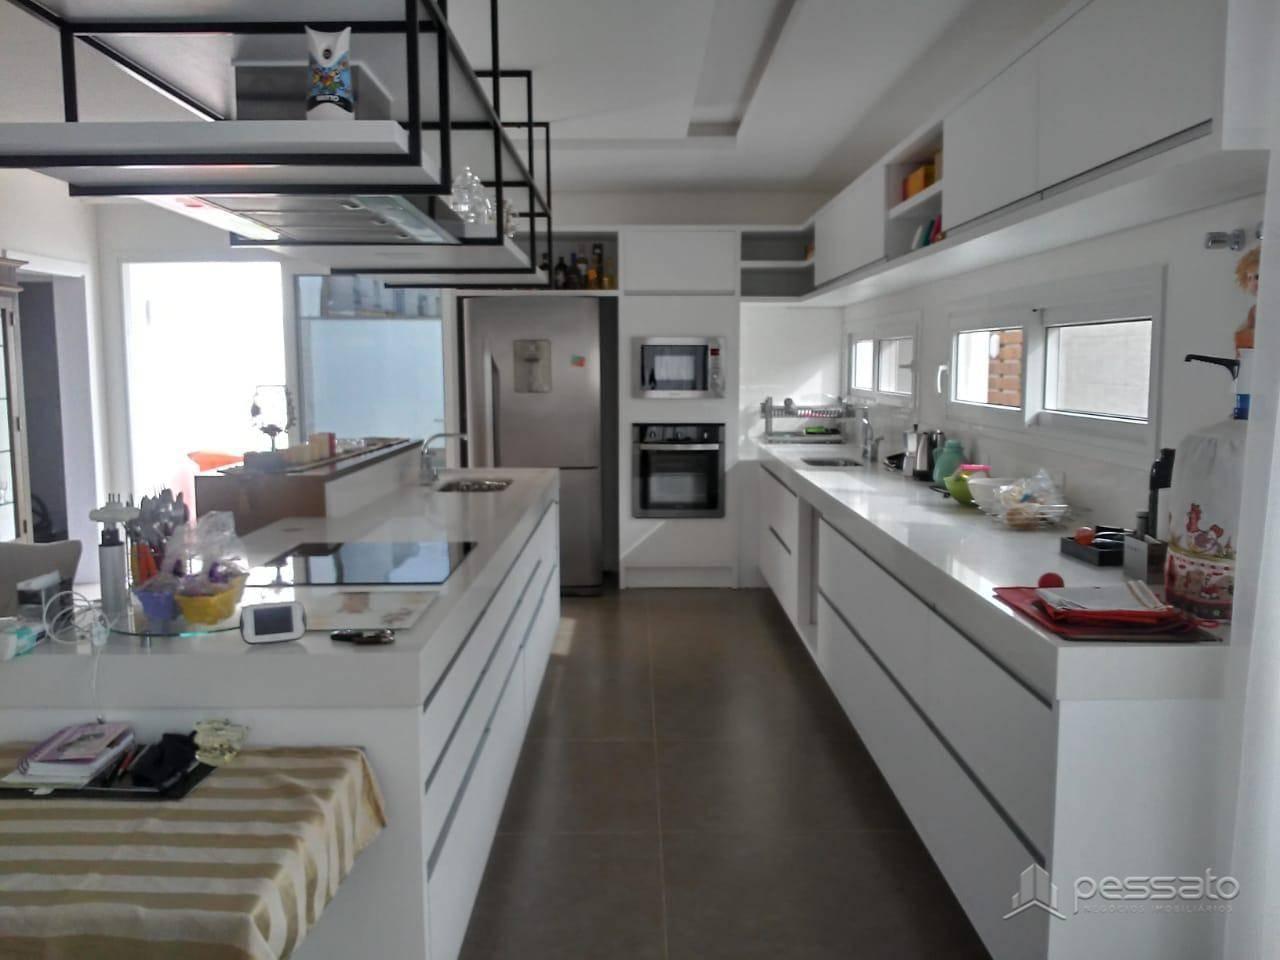 sobrado 5 dormitórios em Gravataí, no bairro Alphaville